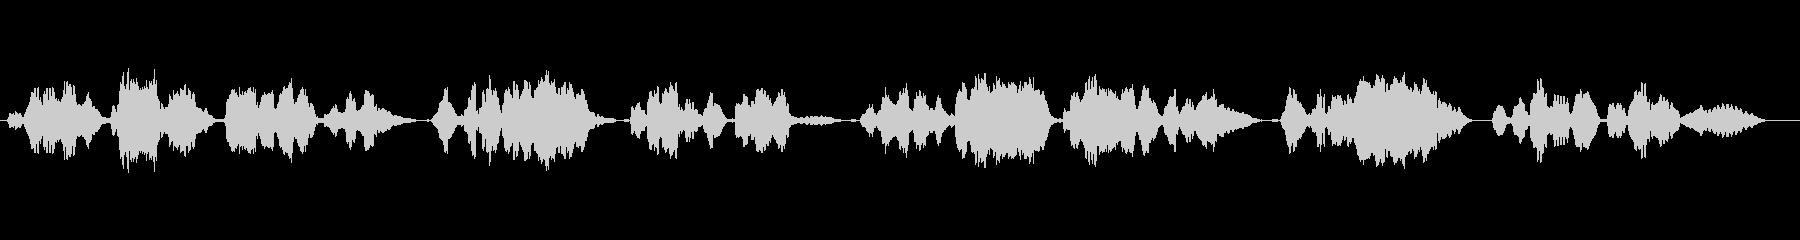 唱歌「ふるさと」のフルート独奏の未再生の波形